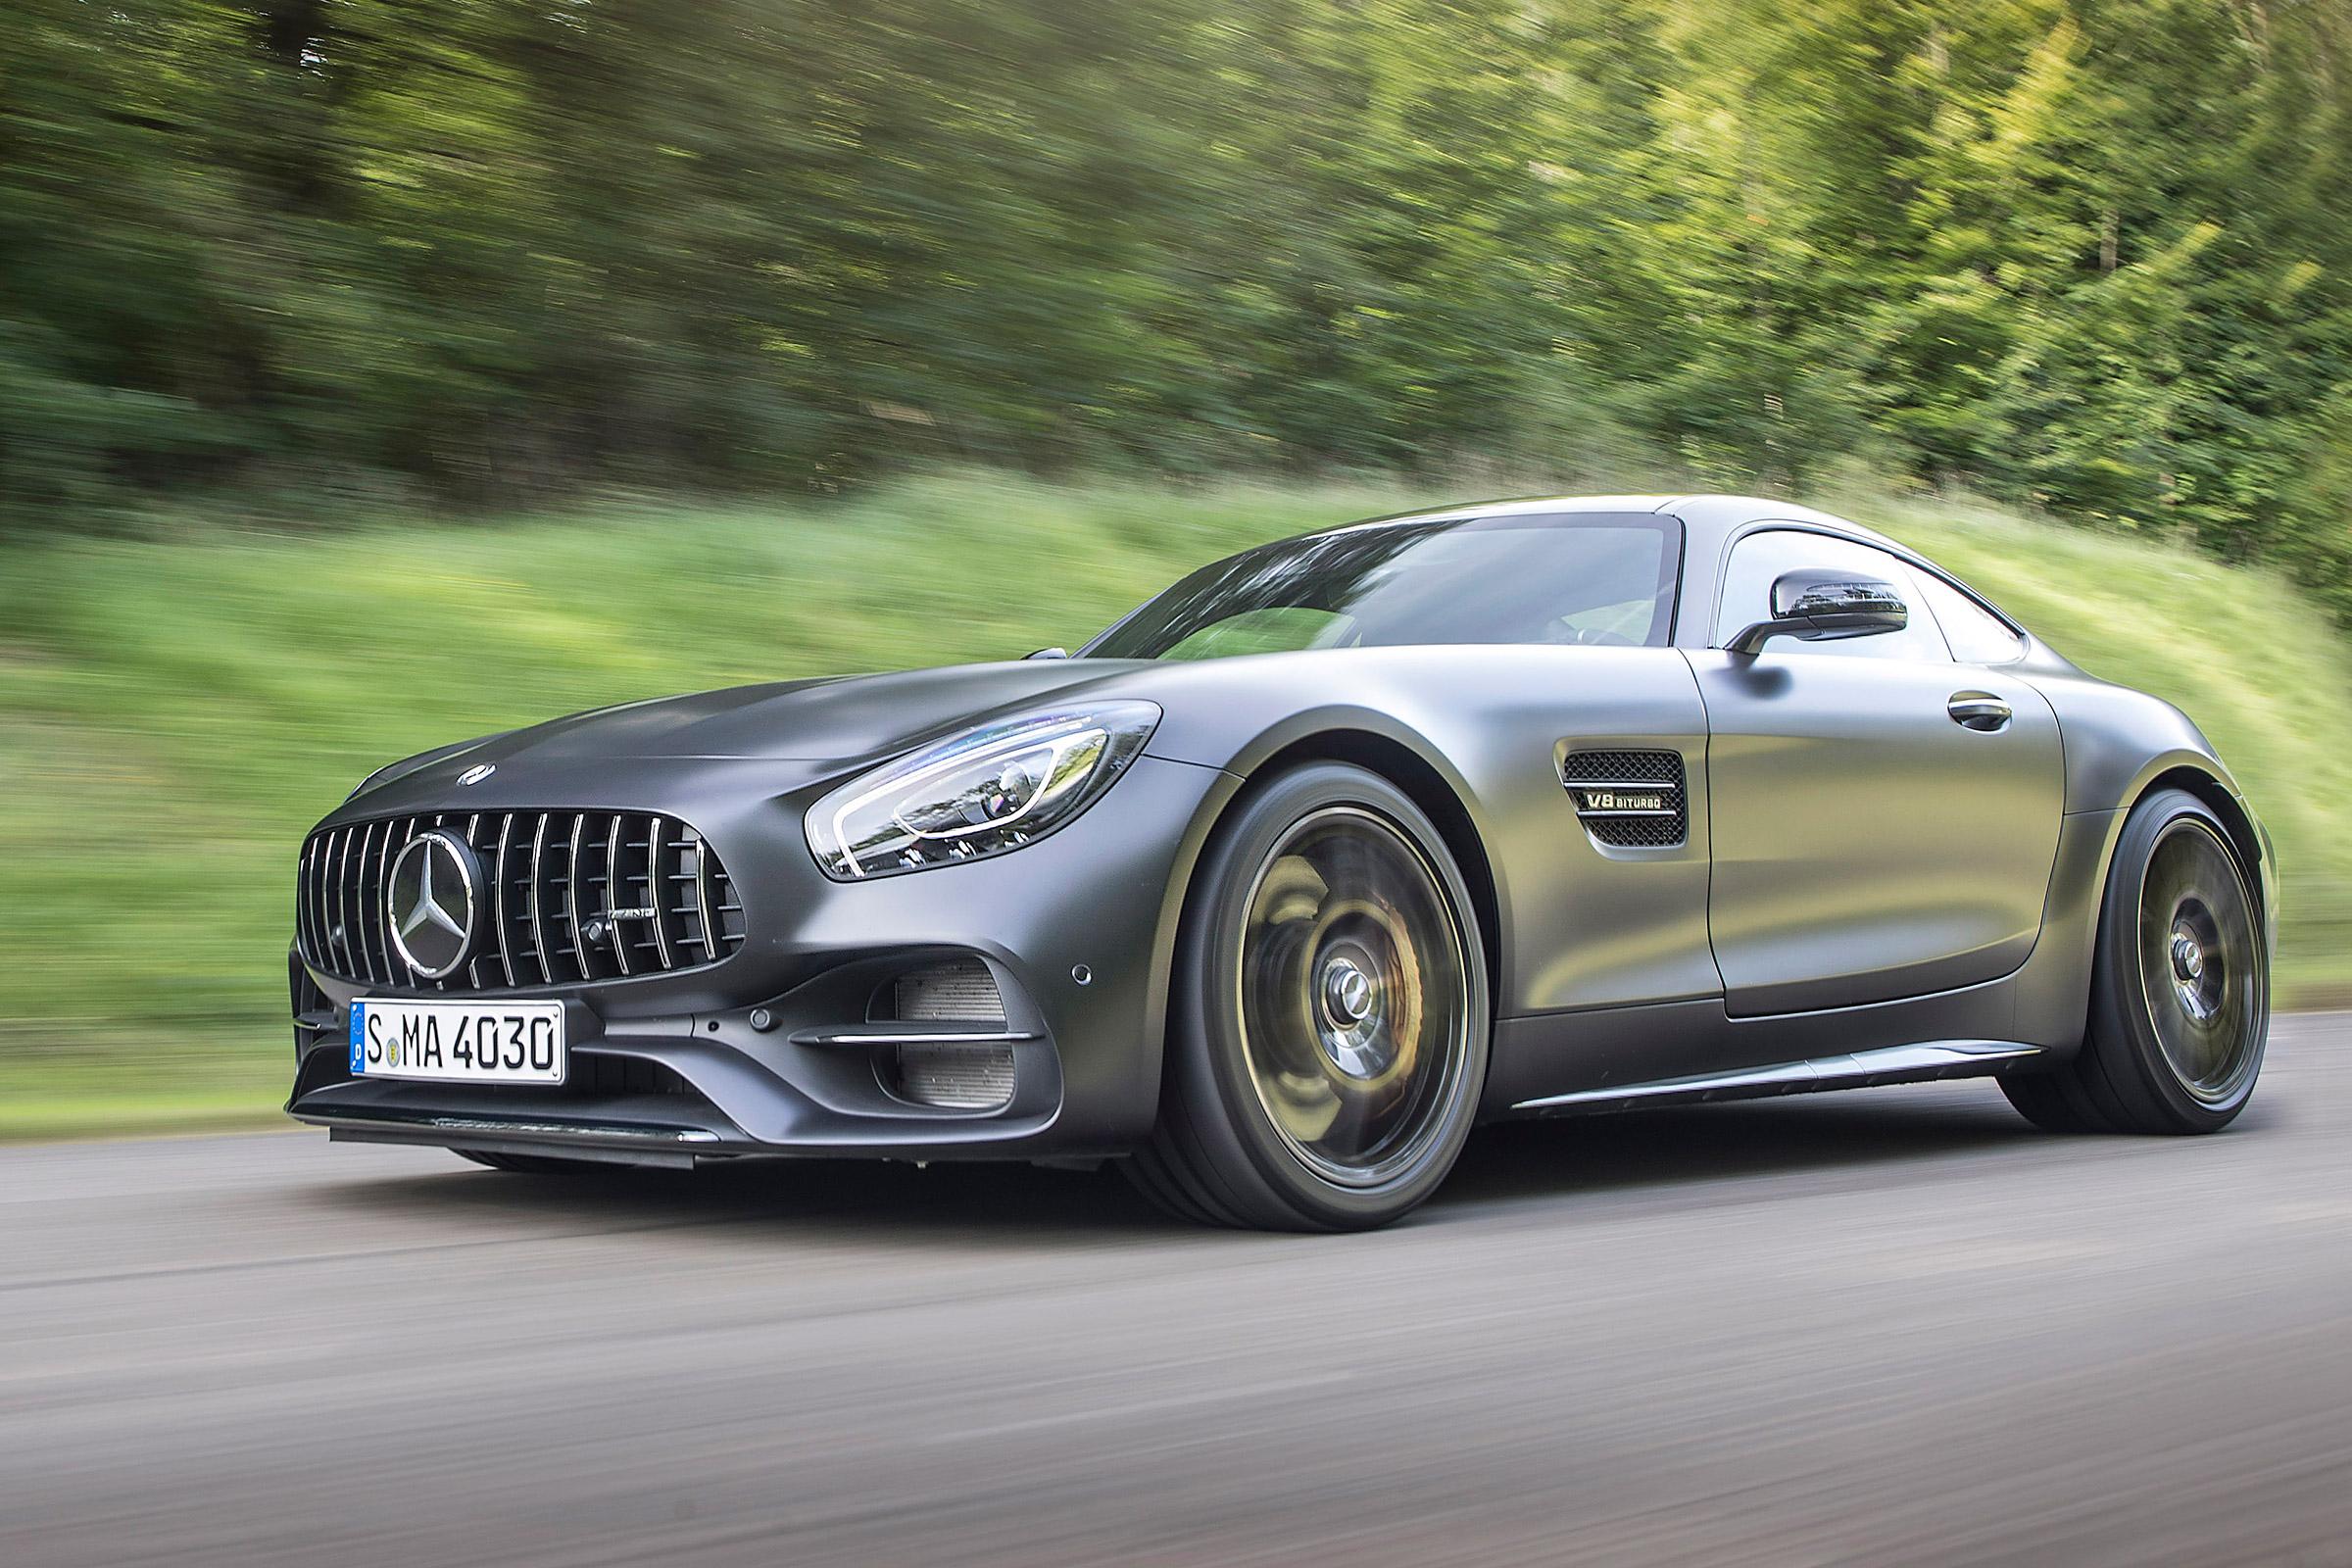 Mercedes Amg Gt Werbung